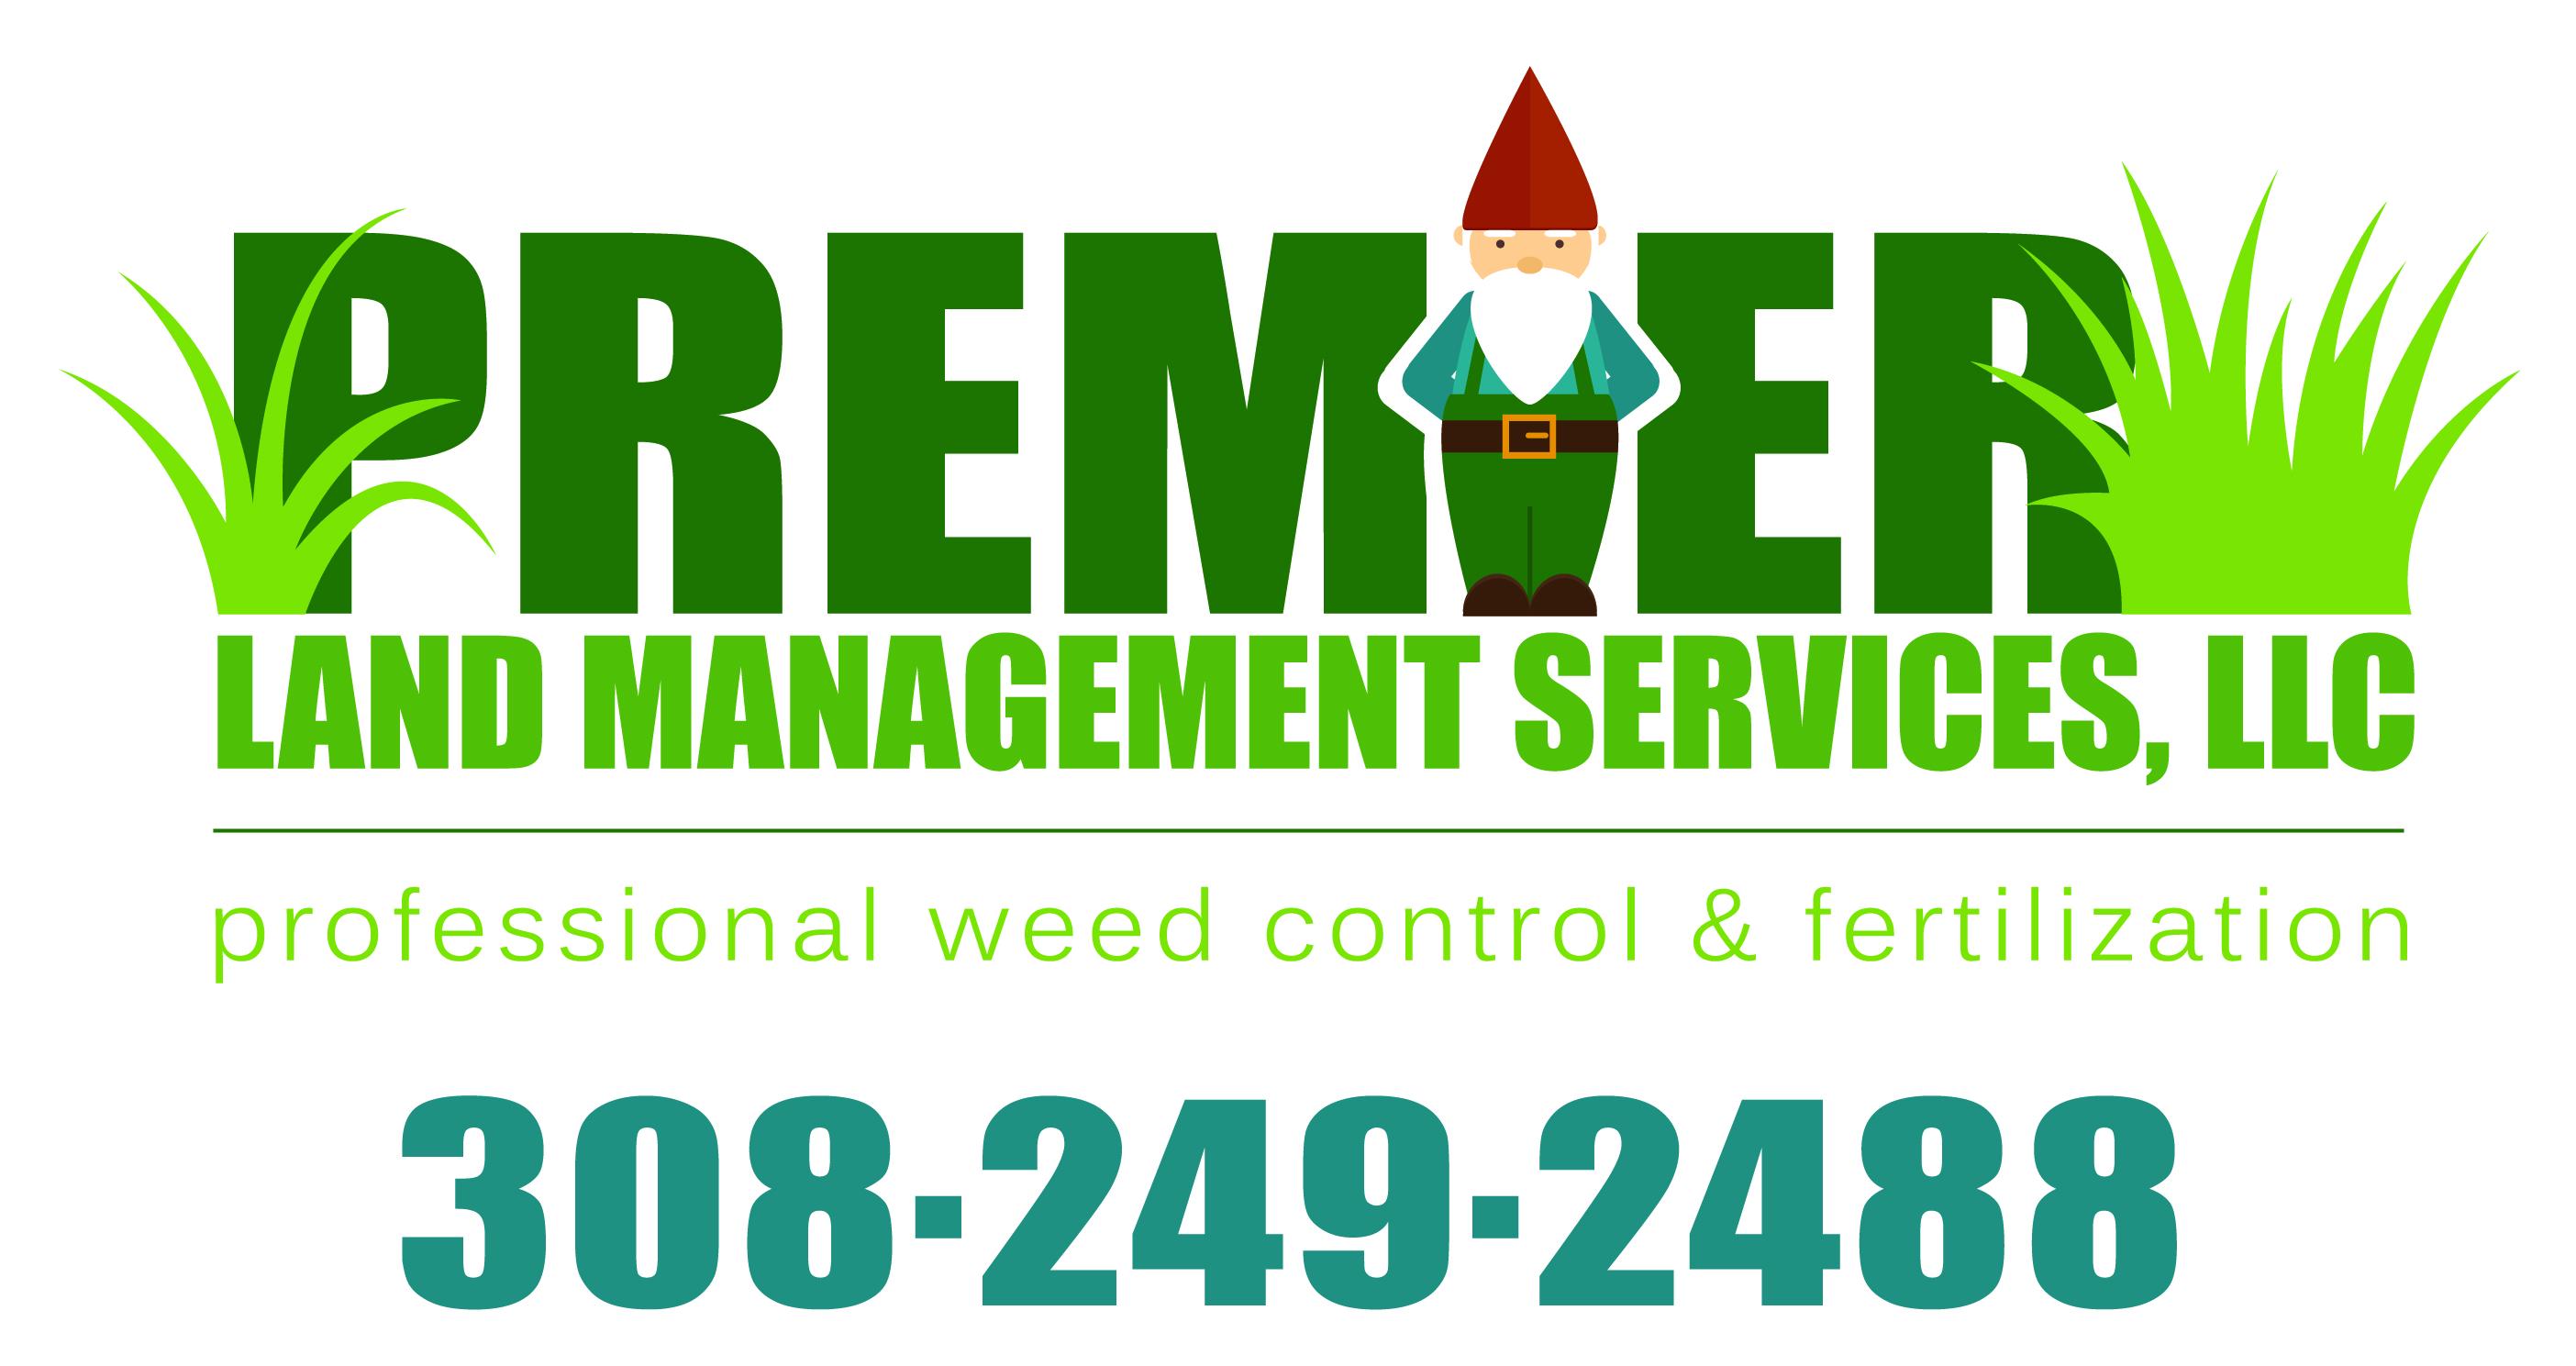 Premier Land Management Services